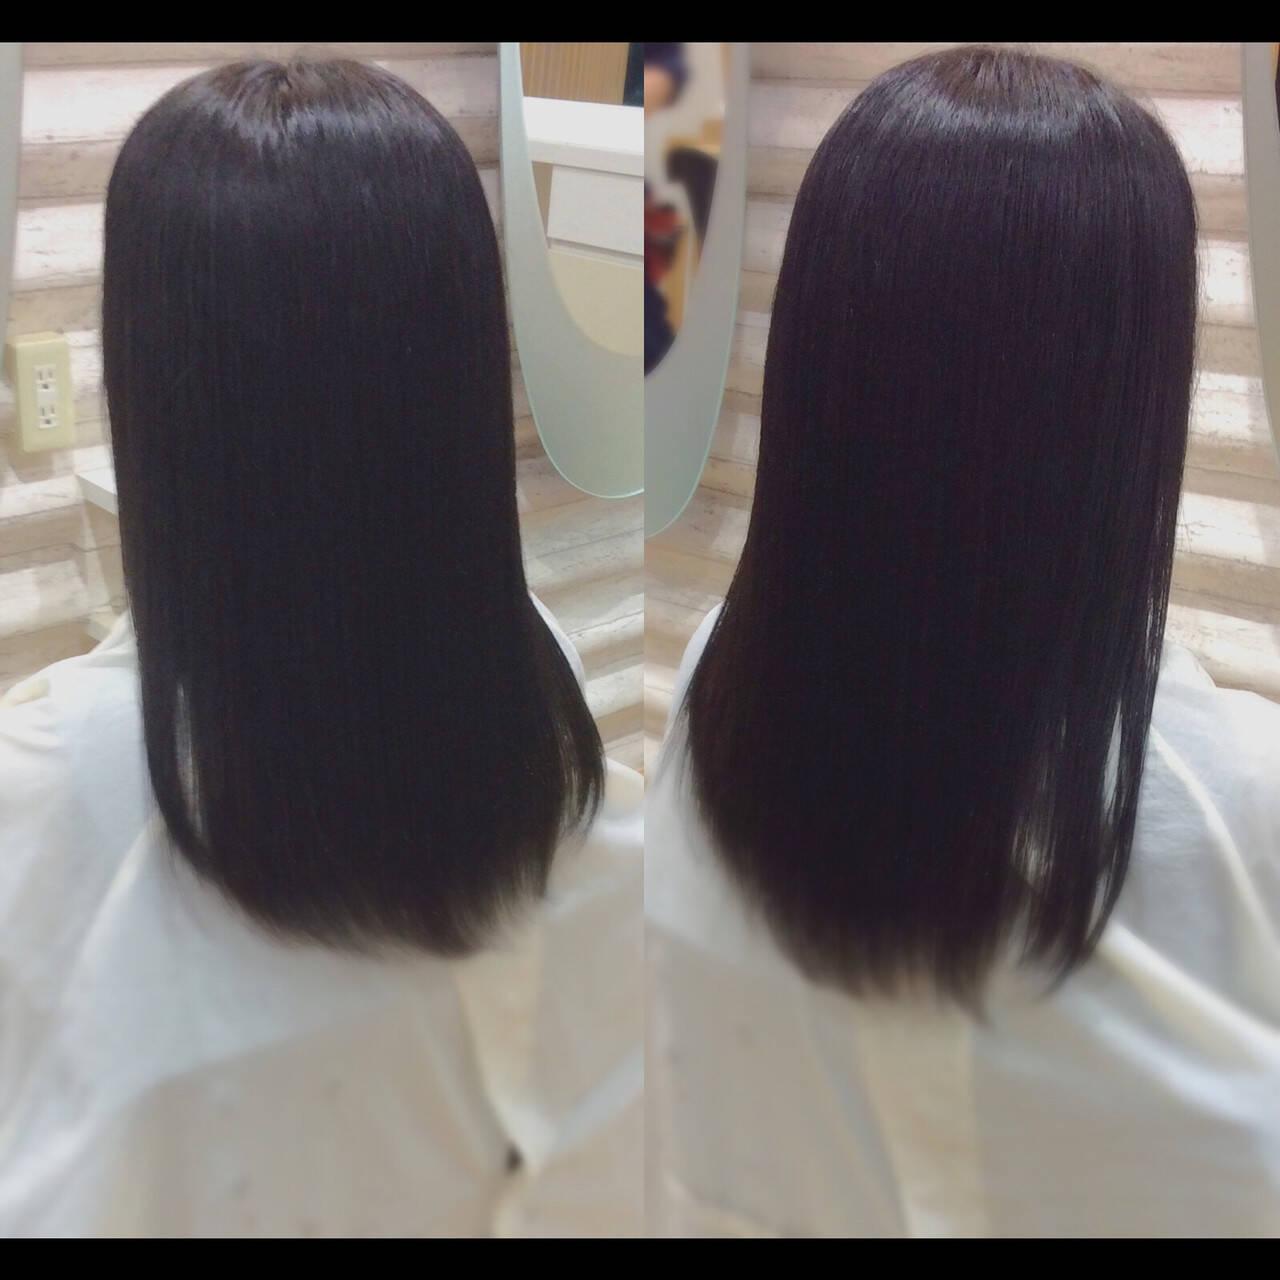 ナチュラル 髪質改善 ロングヘア ロングヘアスタイルや髪型の写真・画像